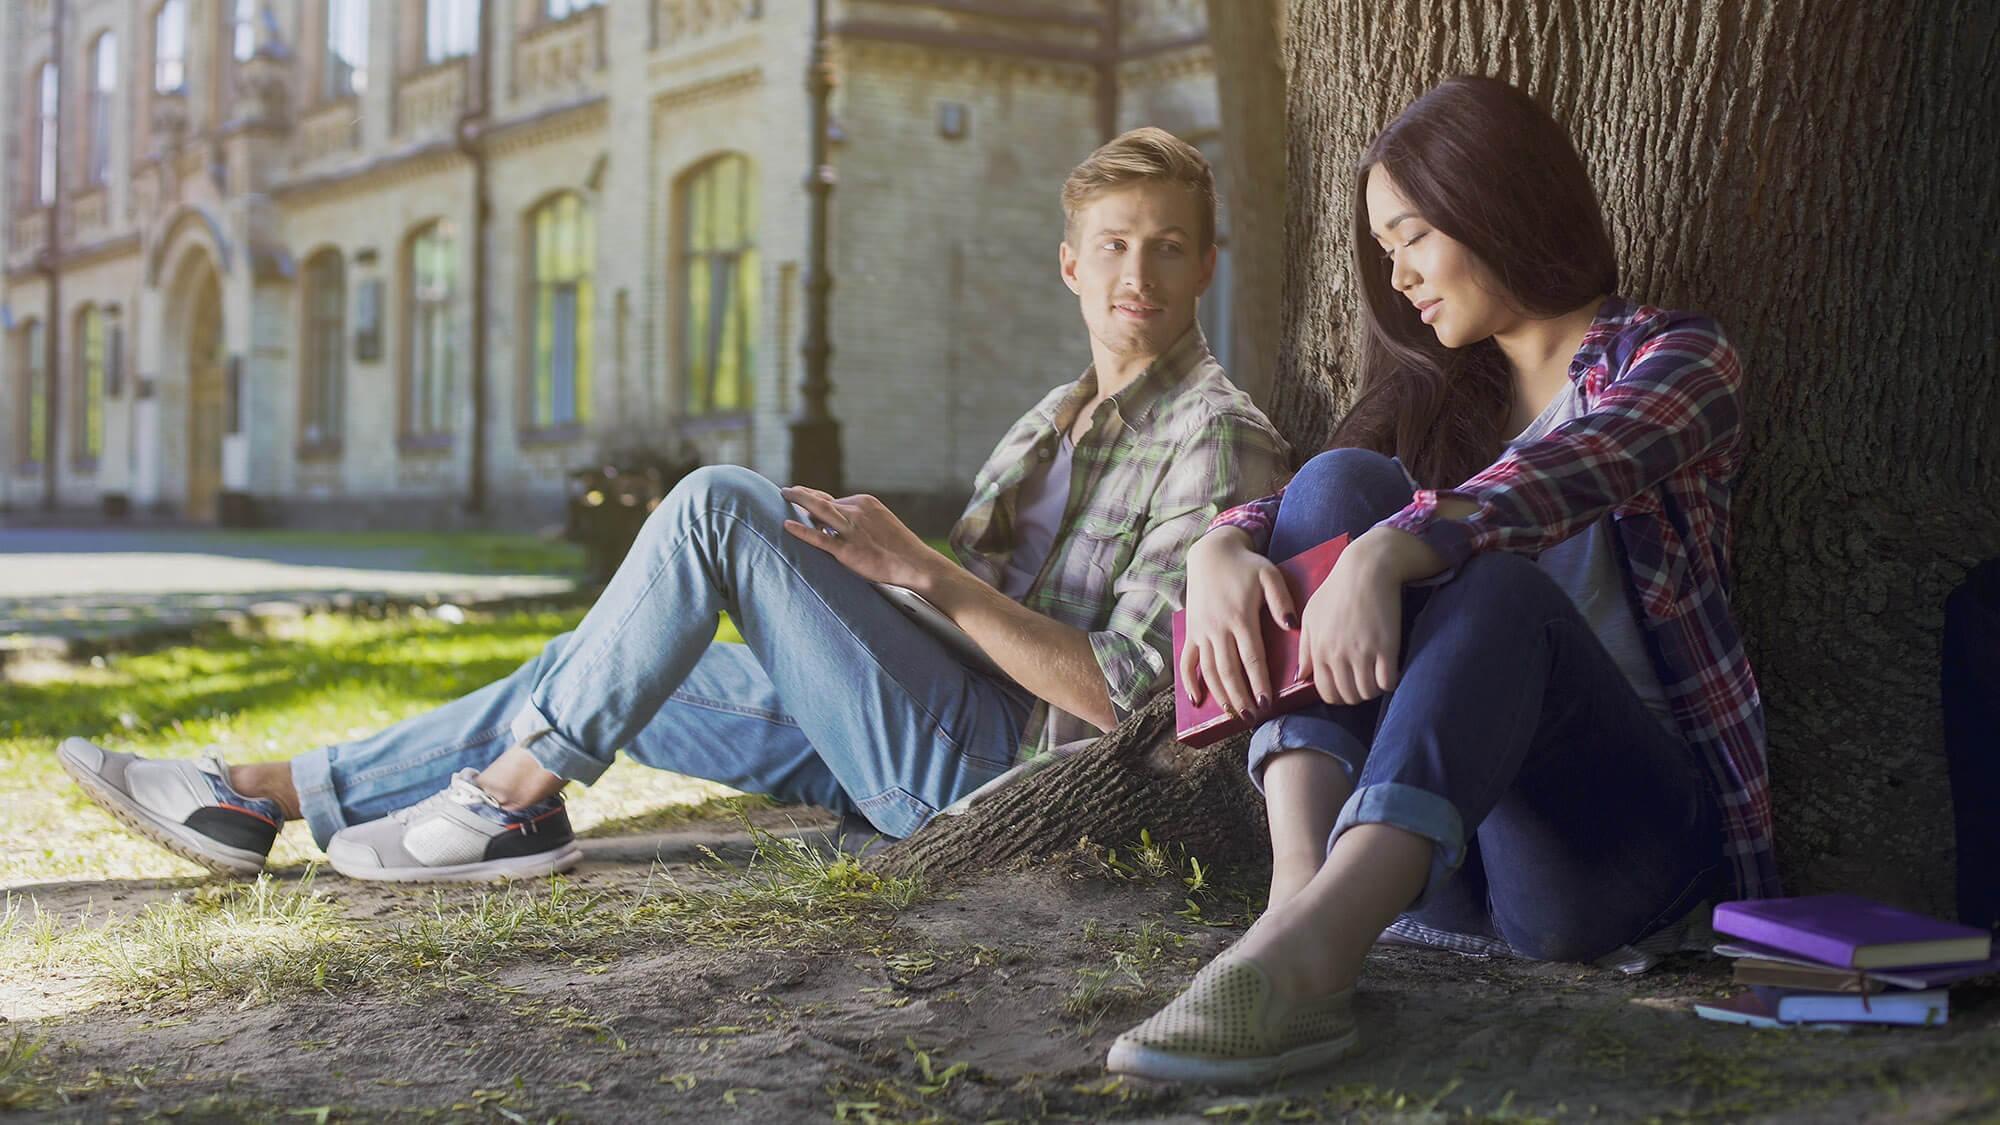 Mann sieht Frau unter einem Baum an